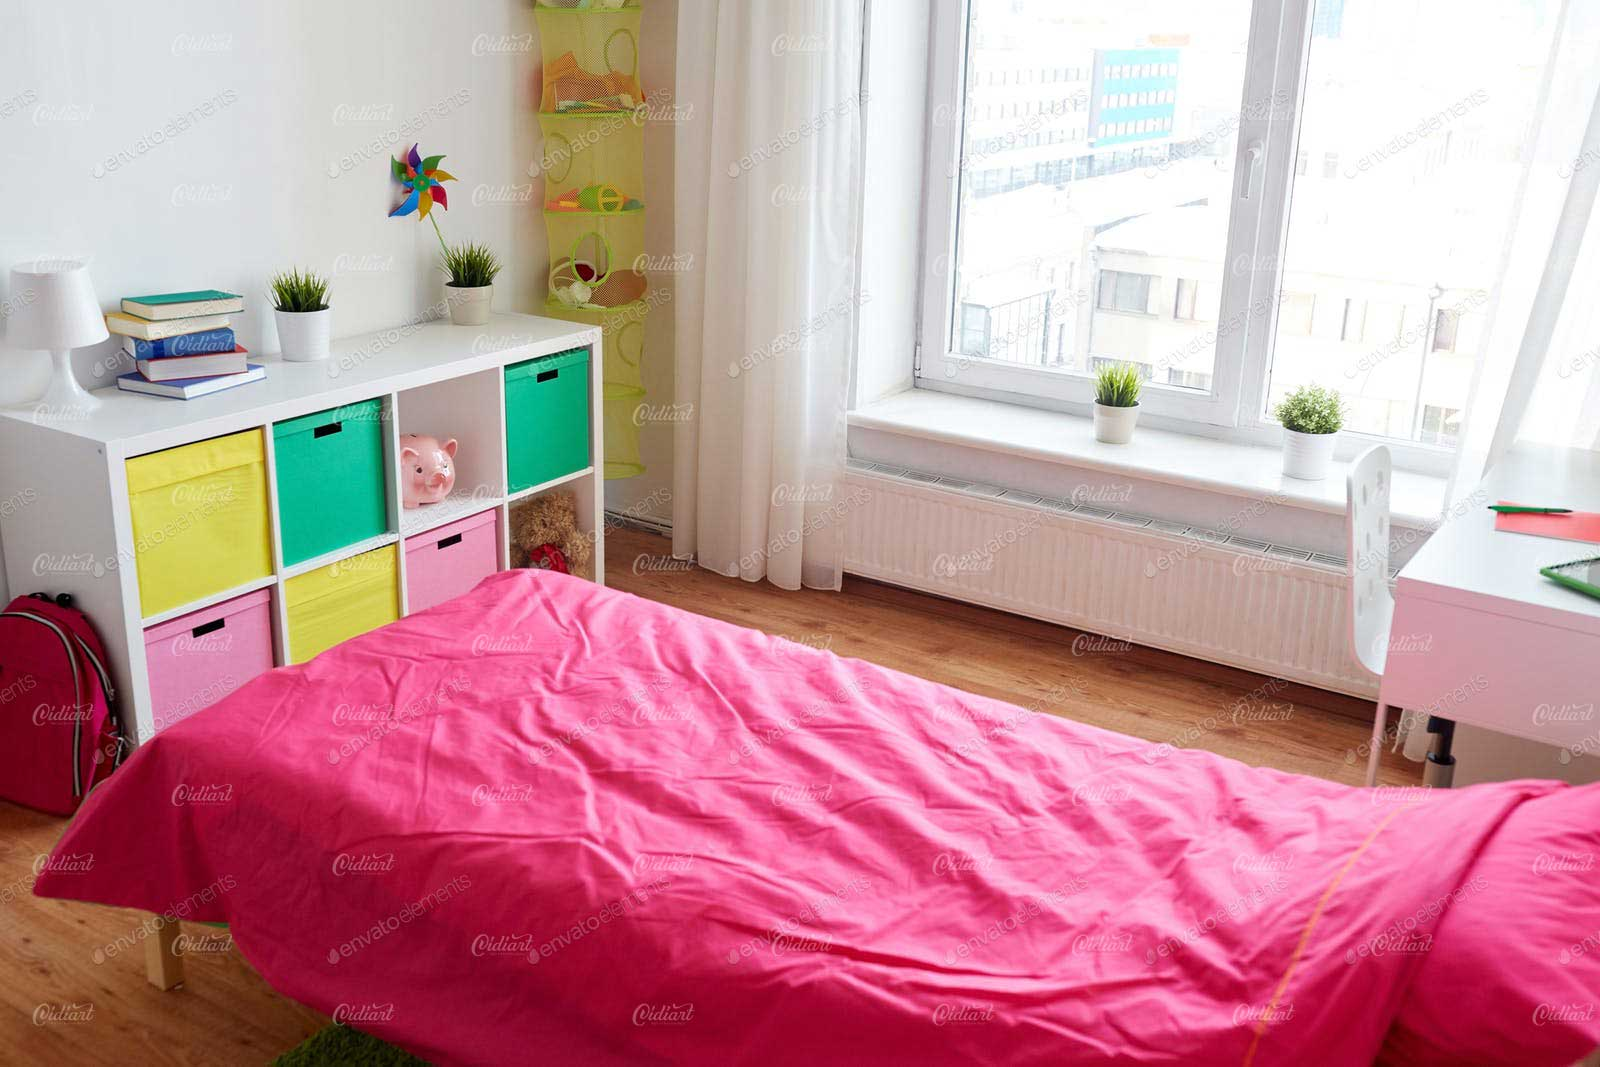 Giường Phòng ngủ cho bé với màu hồng đáng yêu